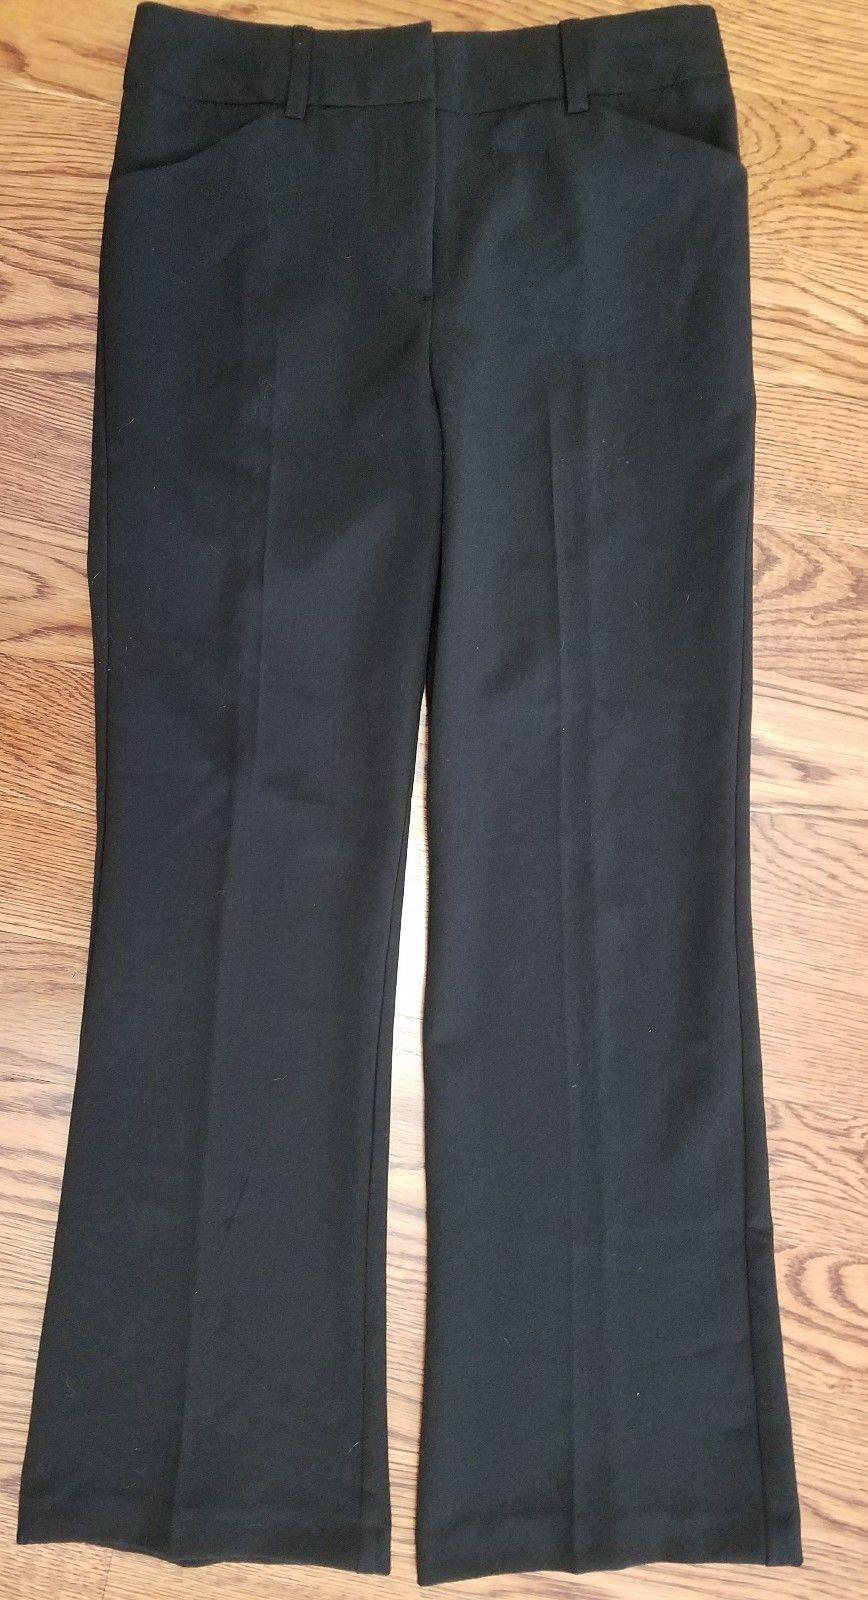 Amy Byer Girls Black Stretch Dress Pants Style 2055v99 Size 8 Ebay Fashion Pants Stretch Dress Pants Stretch Dress [ 1600 x 868 Pixel ]